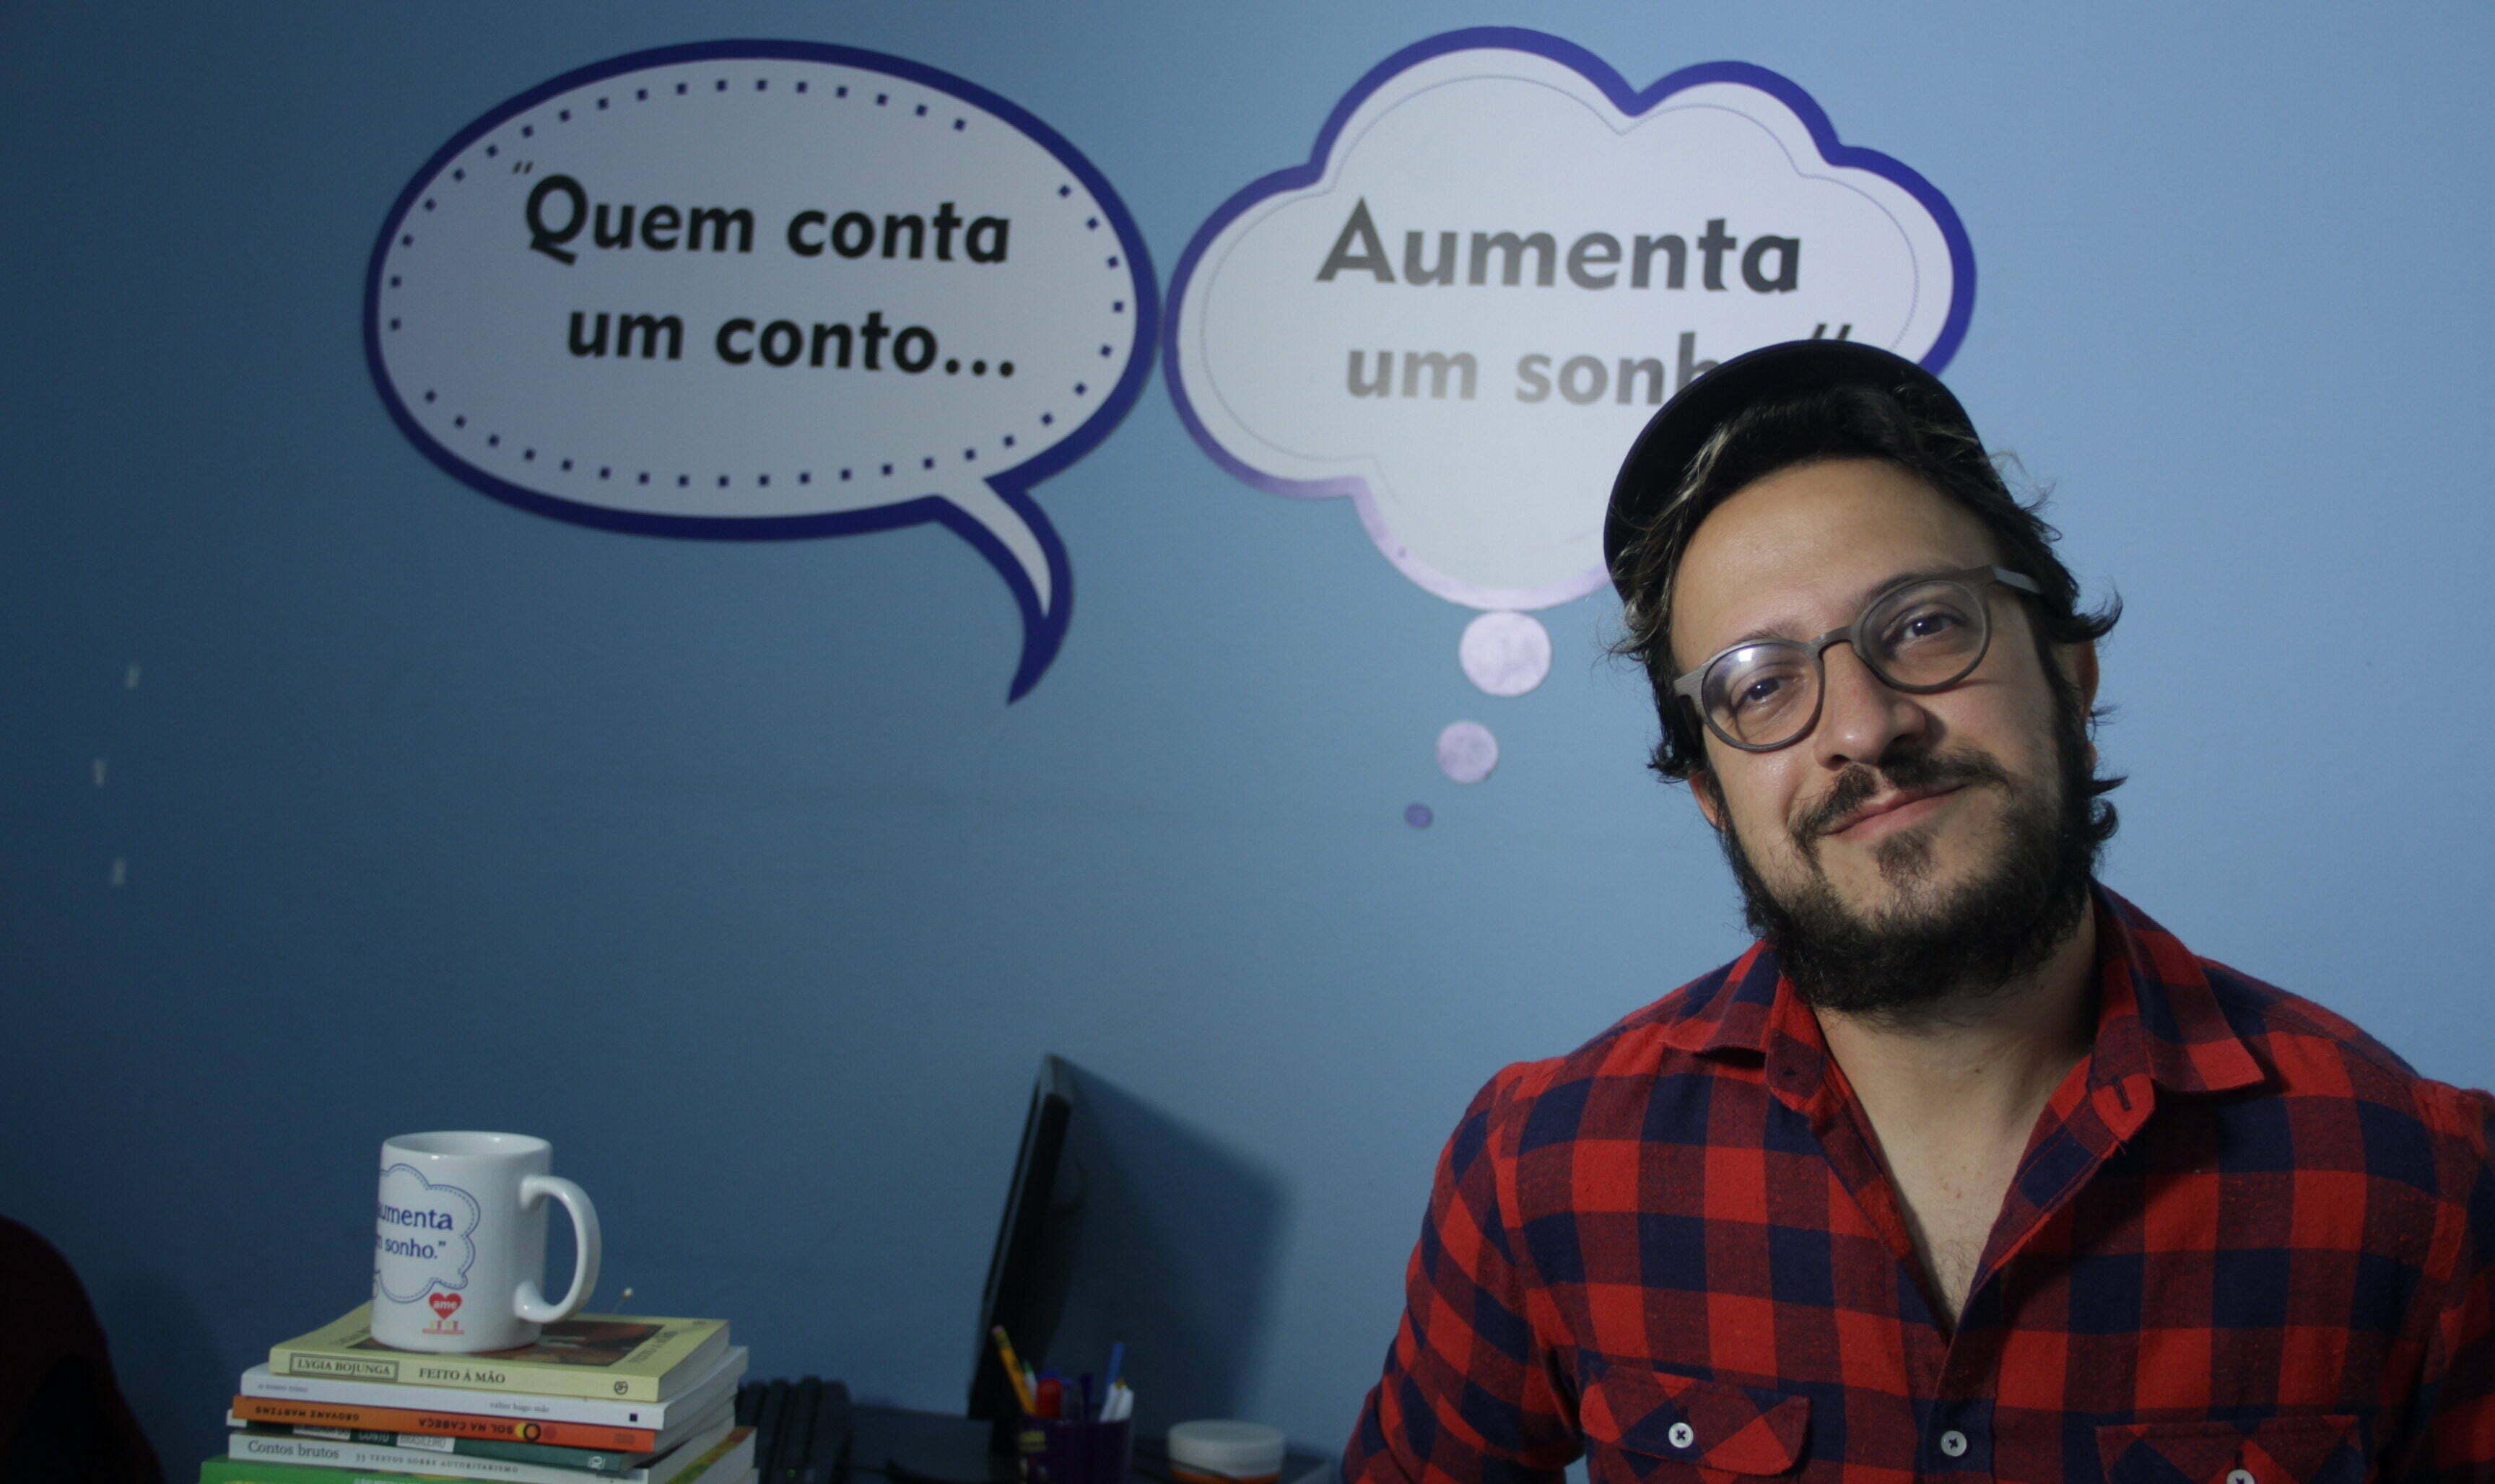 """Plinio Meirelles, ator e criador do projeto """"Quem Conta Um Conto Aumenta Um Sonho""""."""